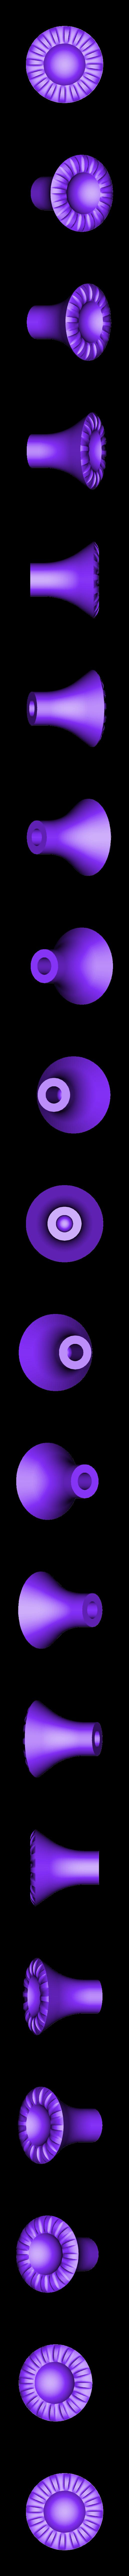 EachineExtendedStick.stl Télécharger fichier STL gratuit Eachine 010 Manettes de commande étendues • Modèle pour impression 3D, Thomllama